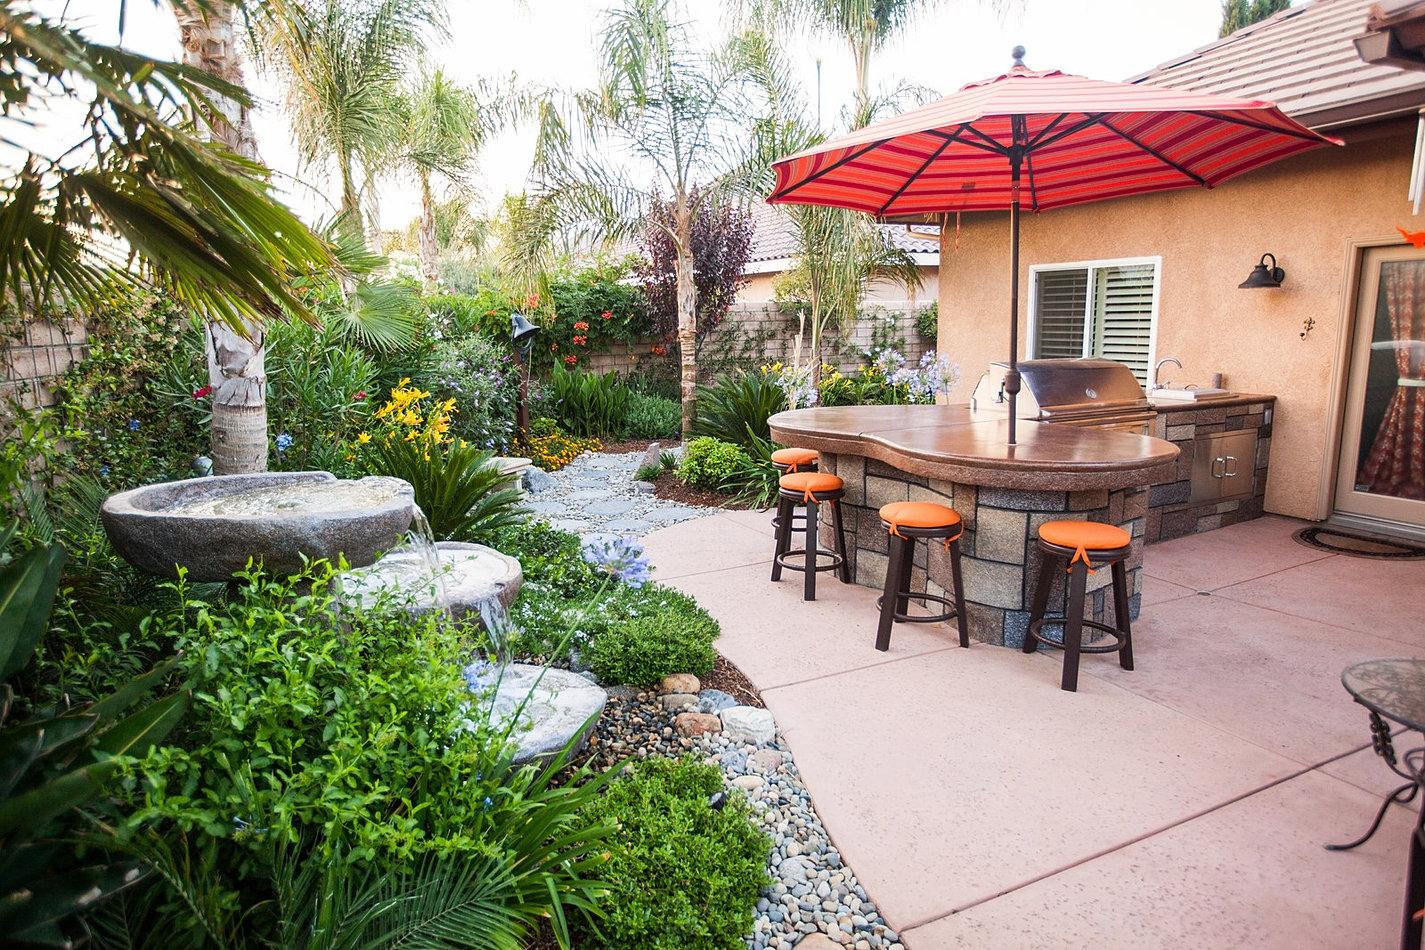 Garden Kitchens Monji Landscape Companies Outdoor Kitchens